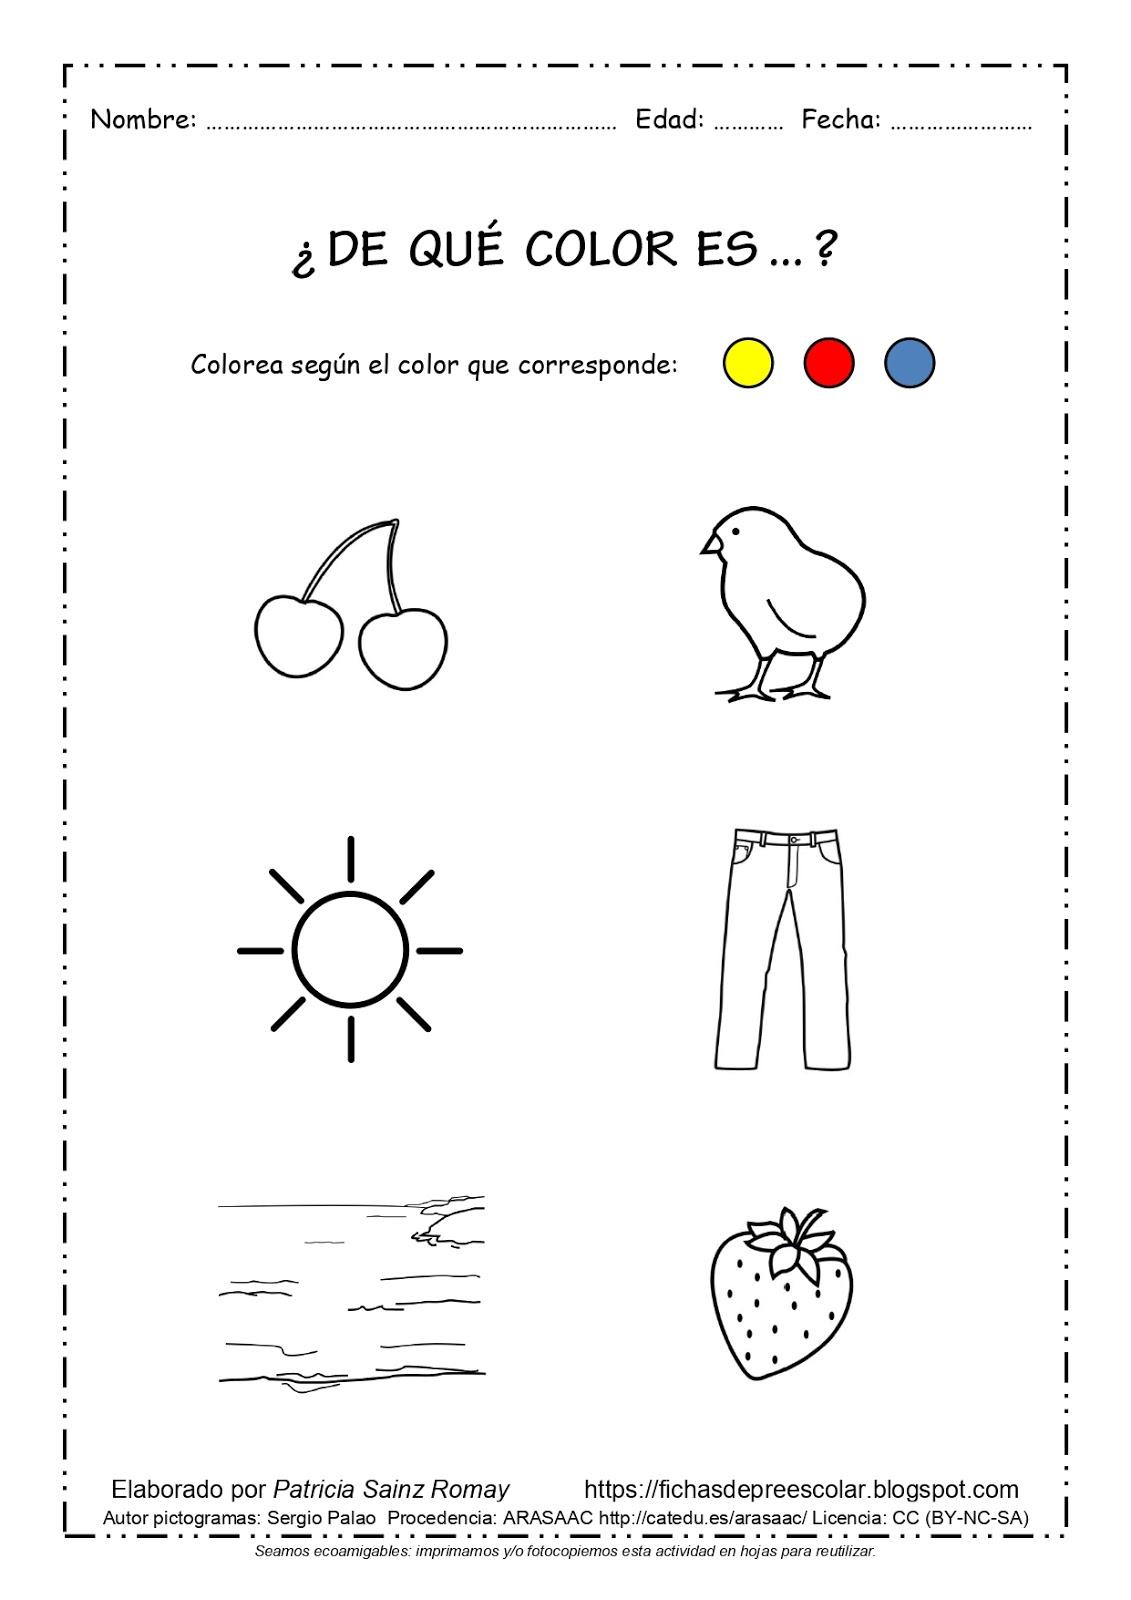 Fichas De Educación Preescolar De Qué Color Es Fichas Con